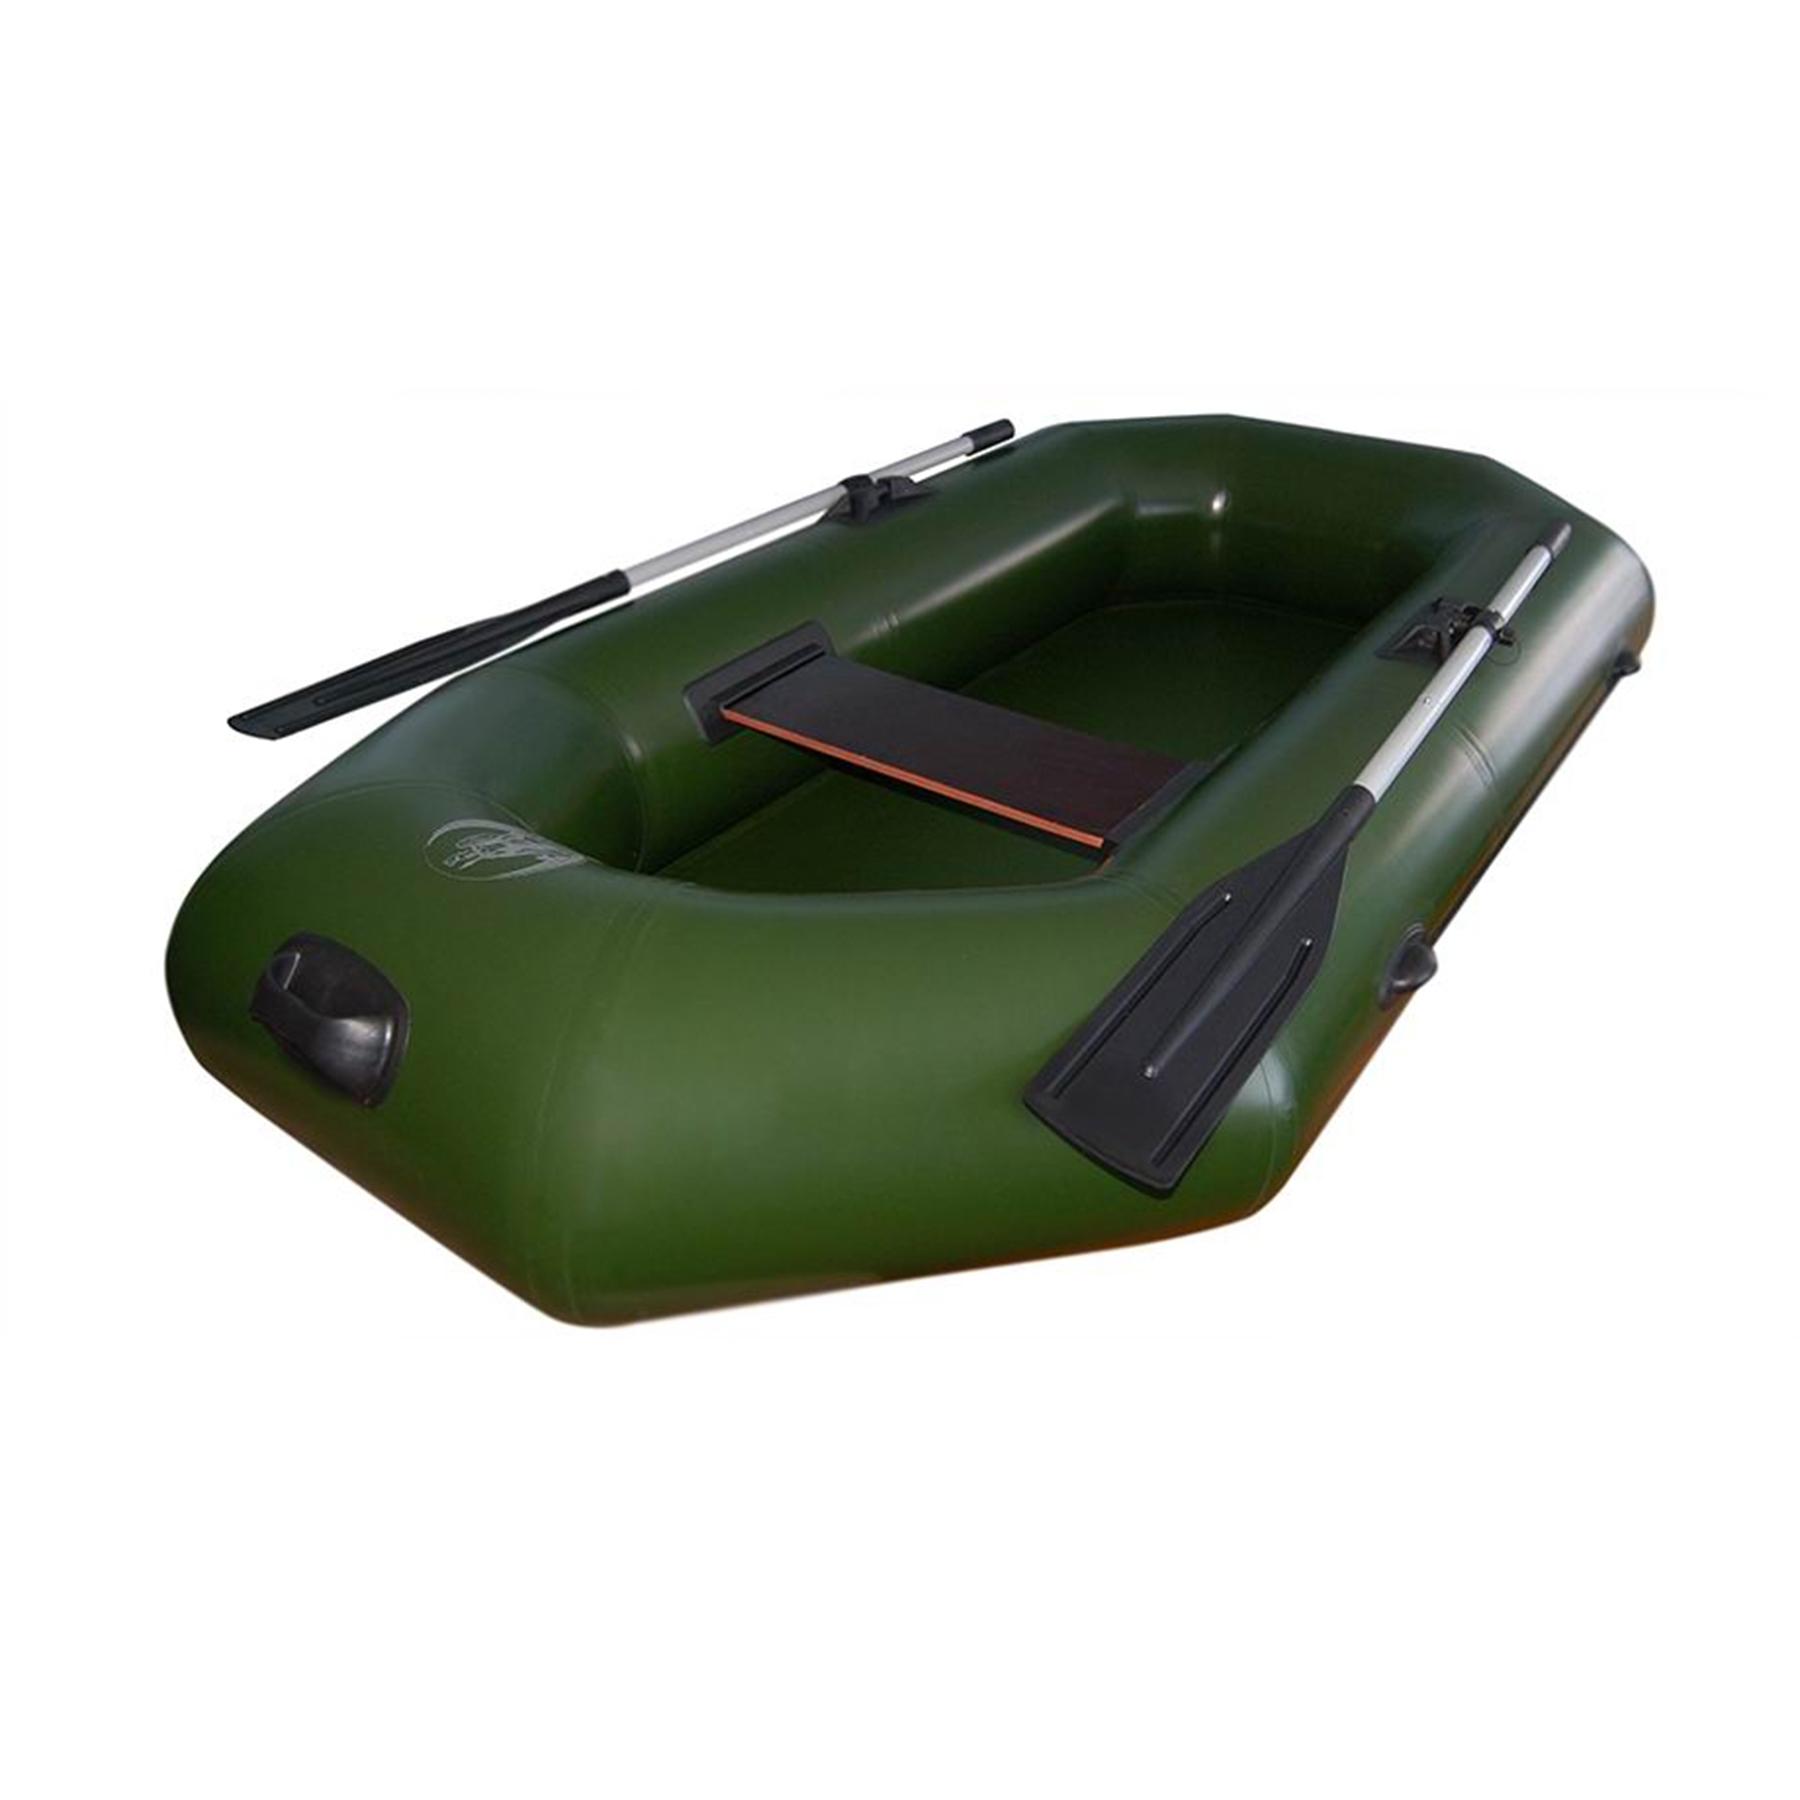 Лодка Олимп - 210 / 215  (210*114см, гр.под.160 кг,2отс.,10 кг,ж.сид.,весла)